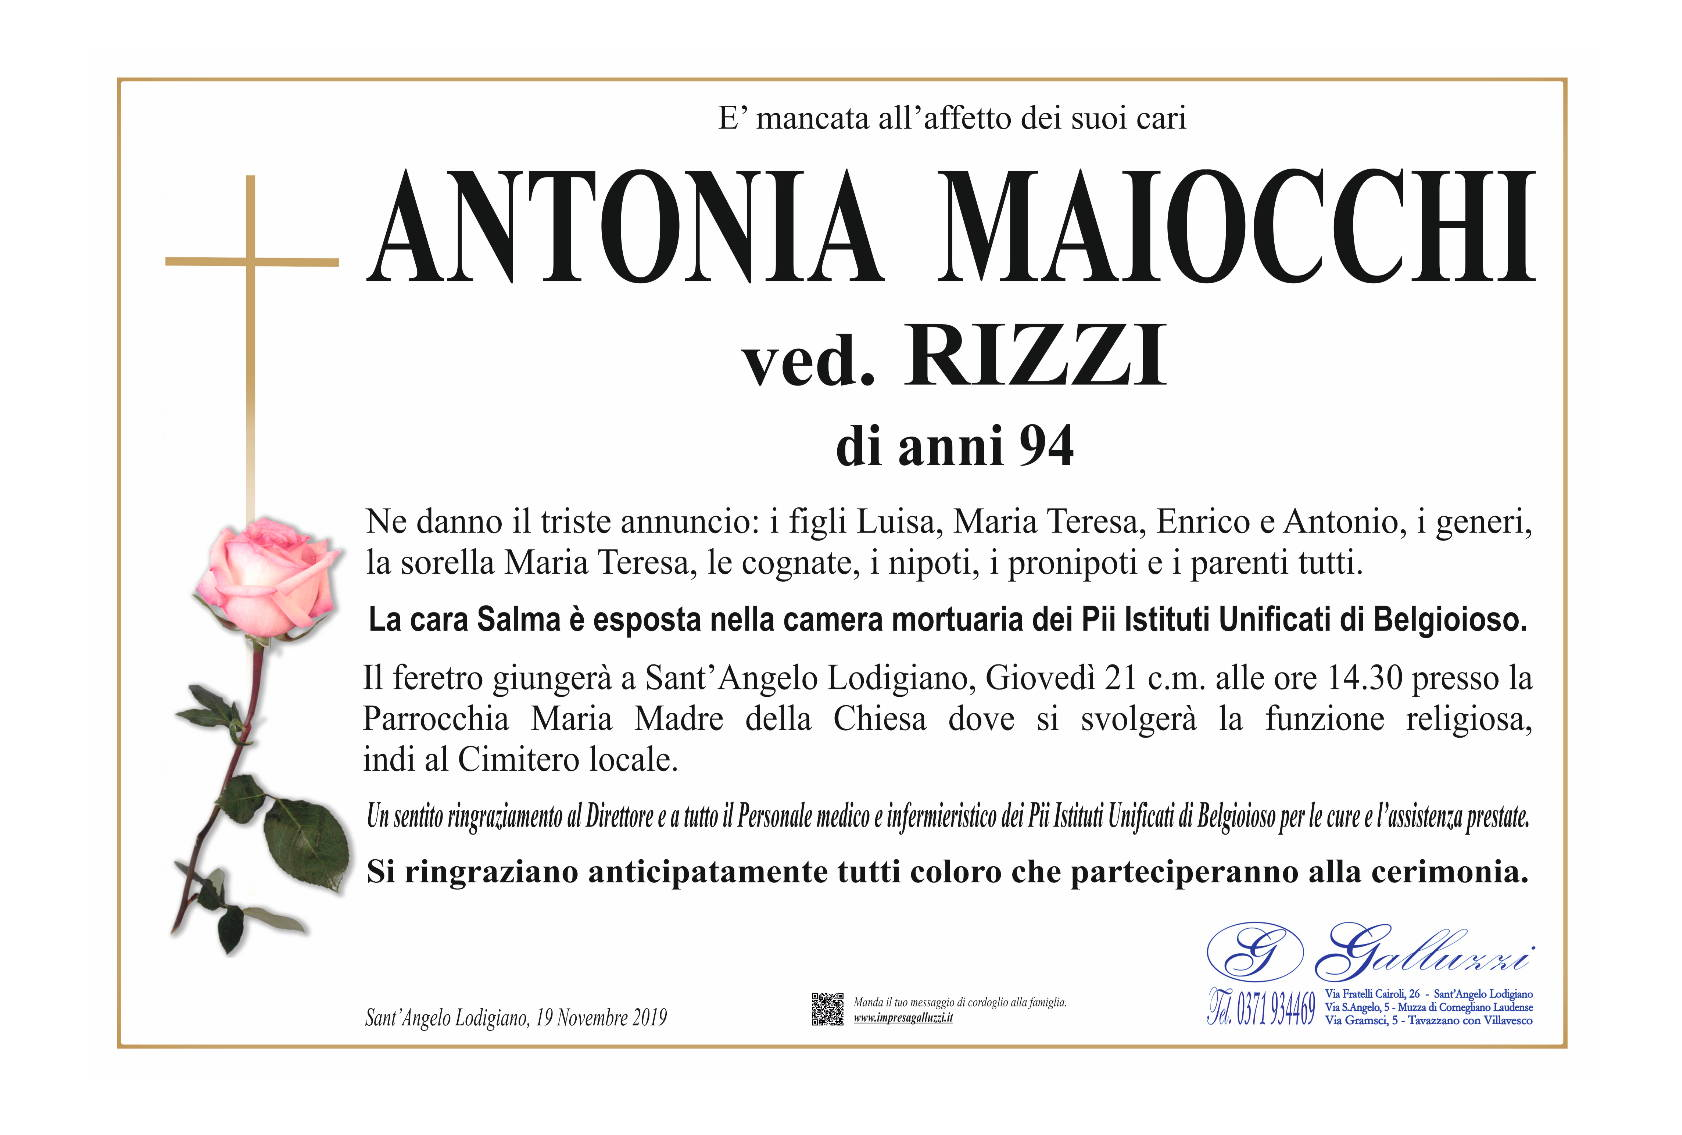 Antonia Maiocchi